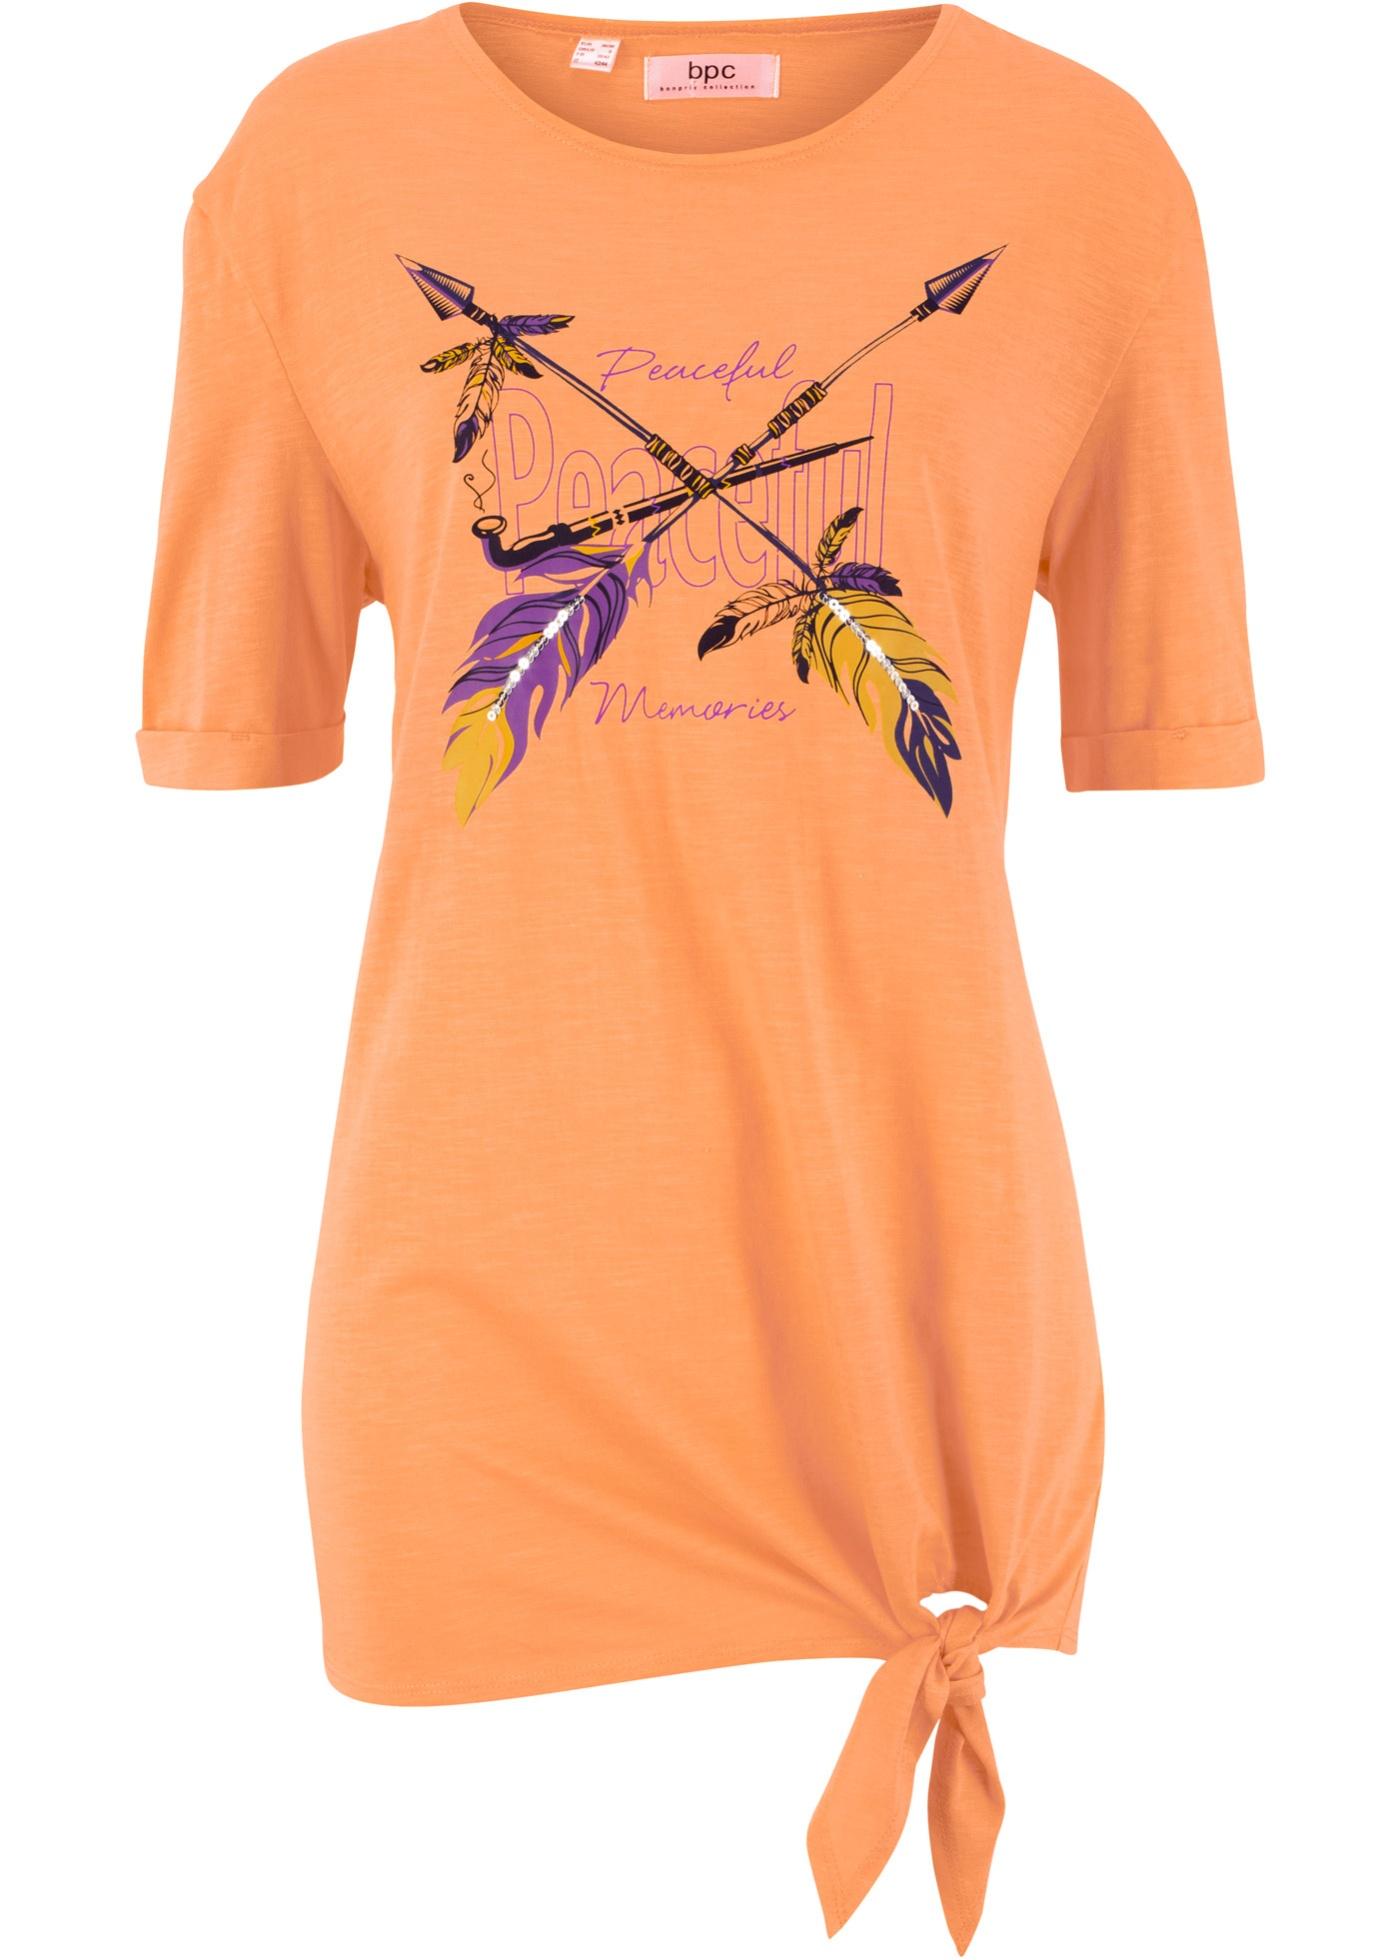 Pour CollectionT Coton Et Paillettes Bpc Bonprix Orange shirt Détail Femme Nœud longues Manches Mi À b7y6fg